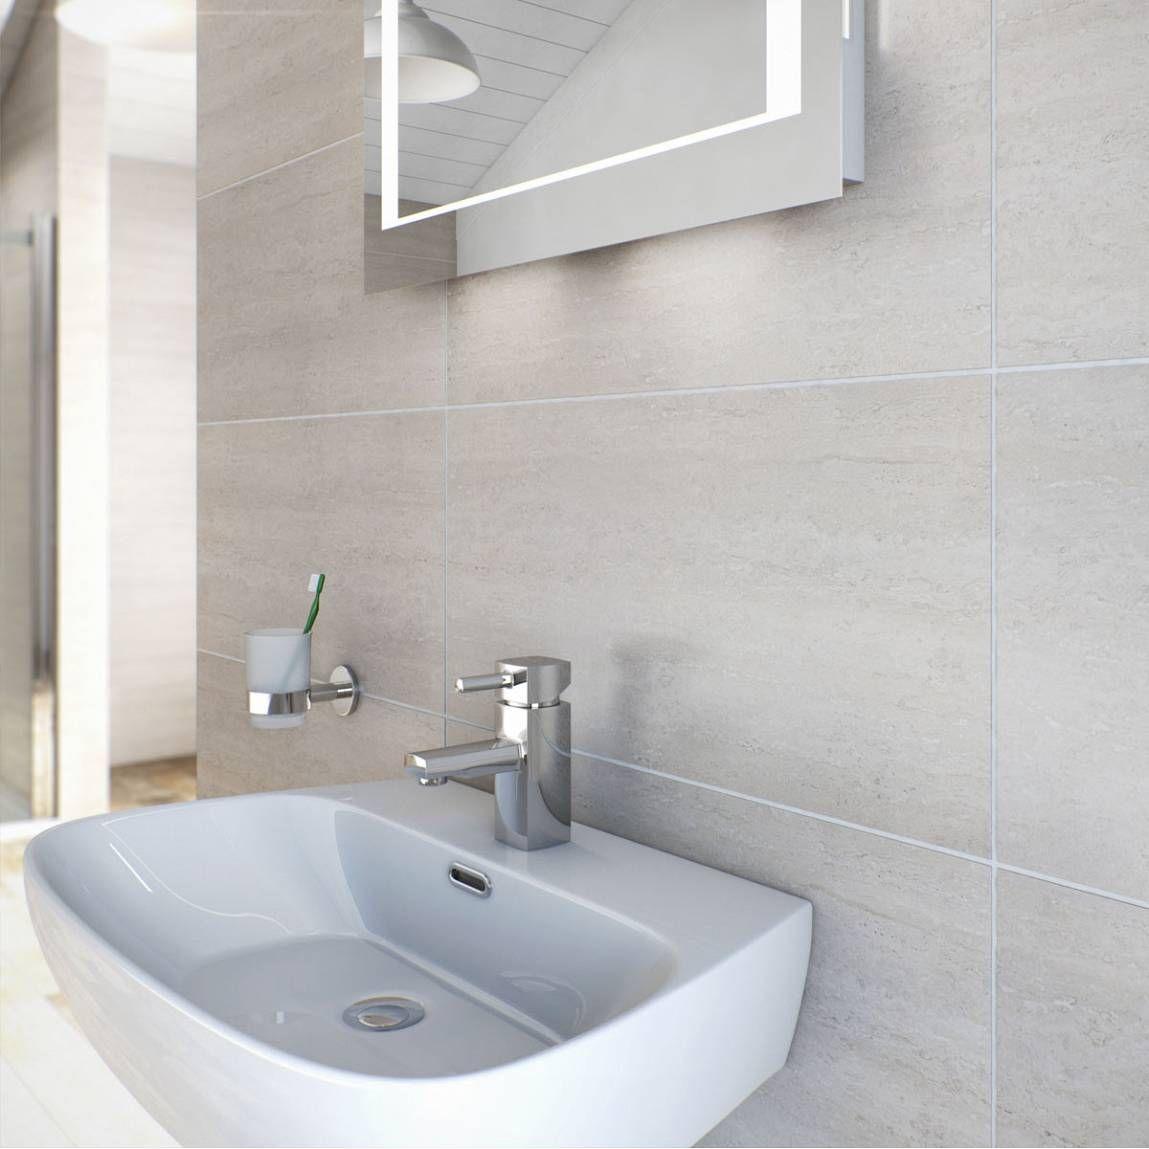 Natalia Bone Glazed Porcelain Floor & Wall Tile 30cm x 60cm ...